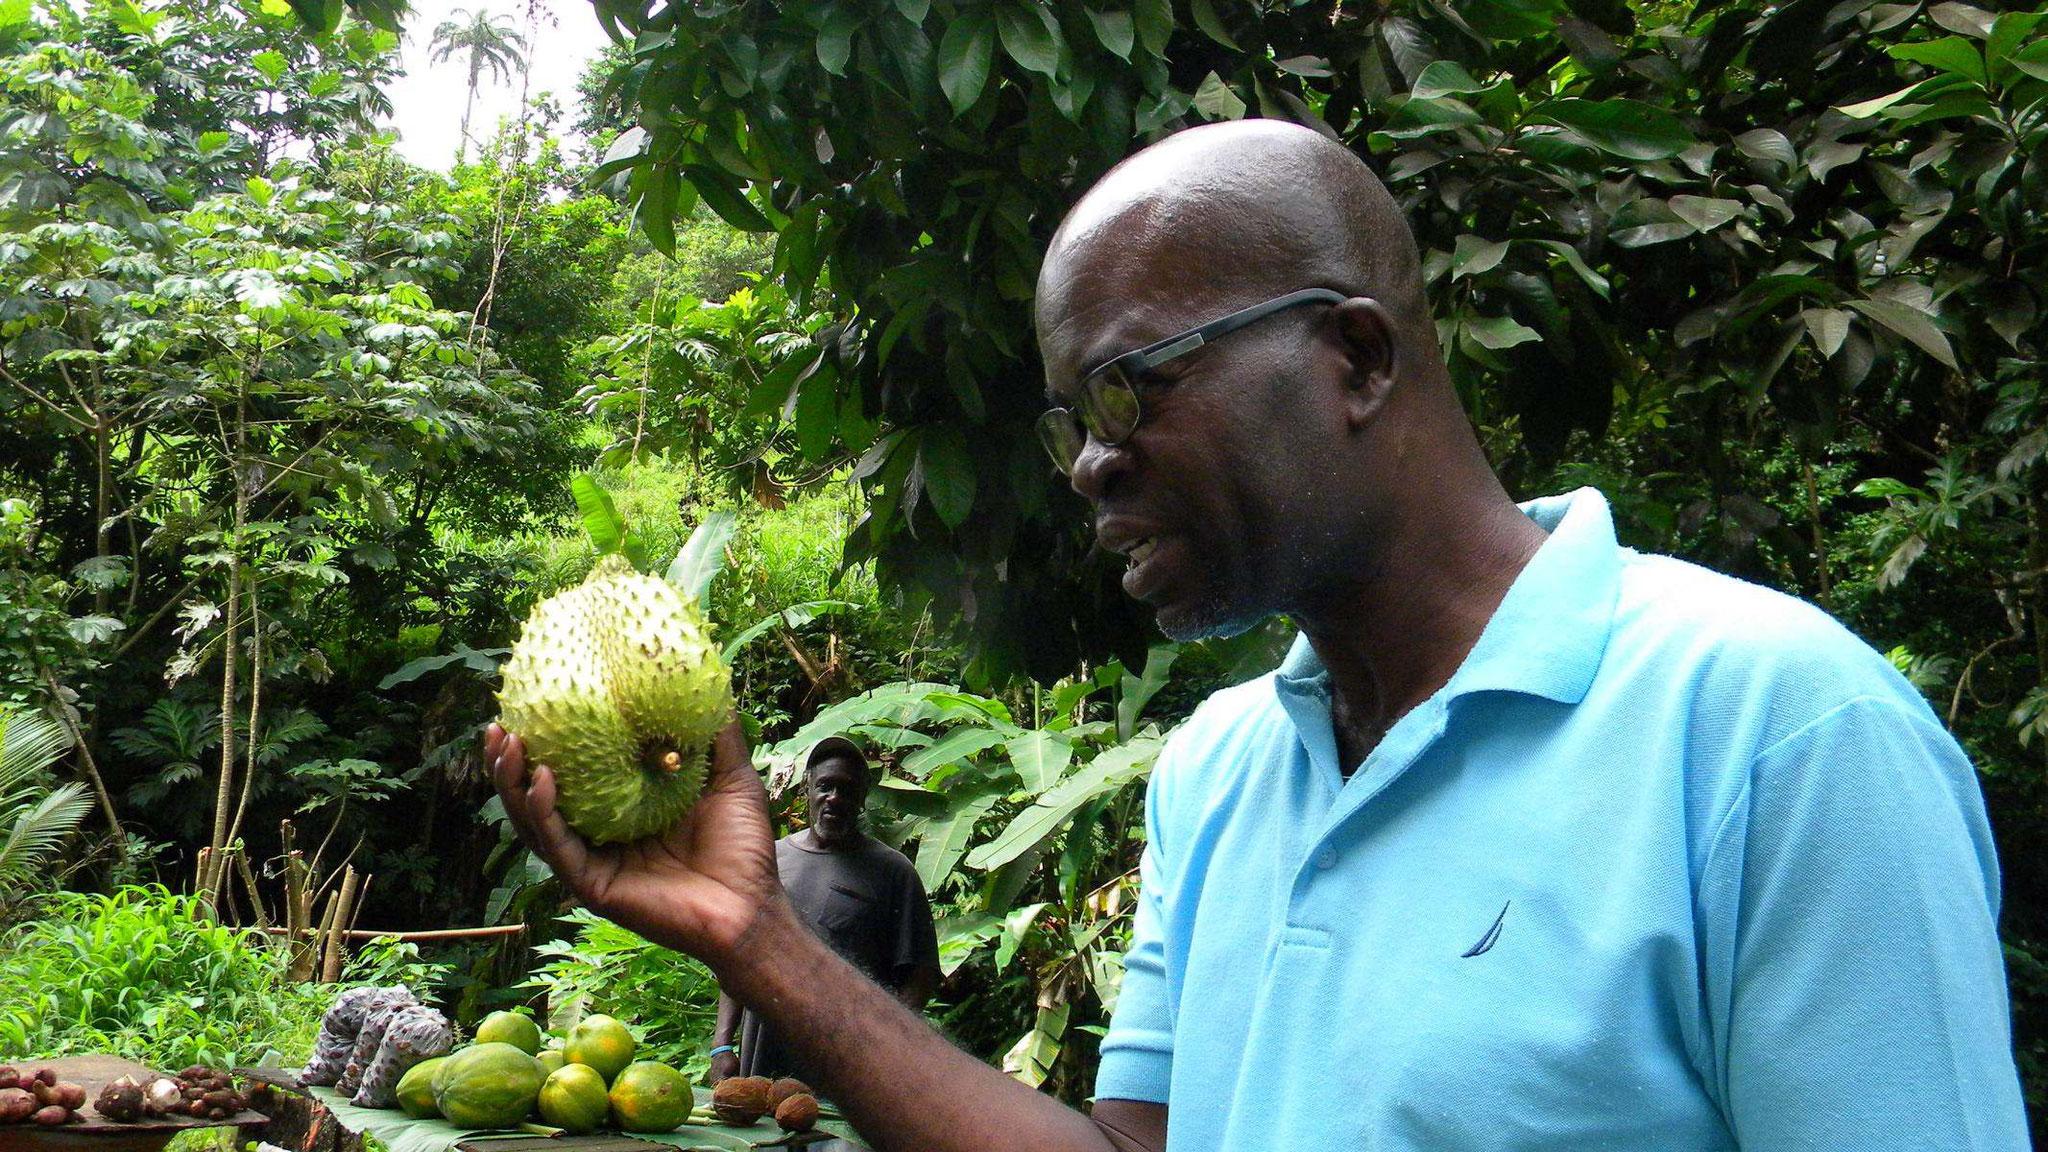 Trunos Fraser mit einer Soursop-Frucht (auch Graviola genannt)